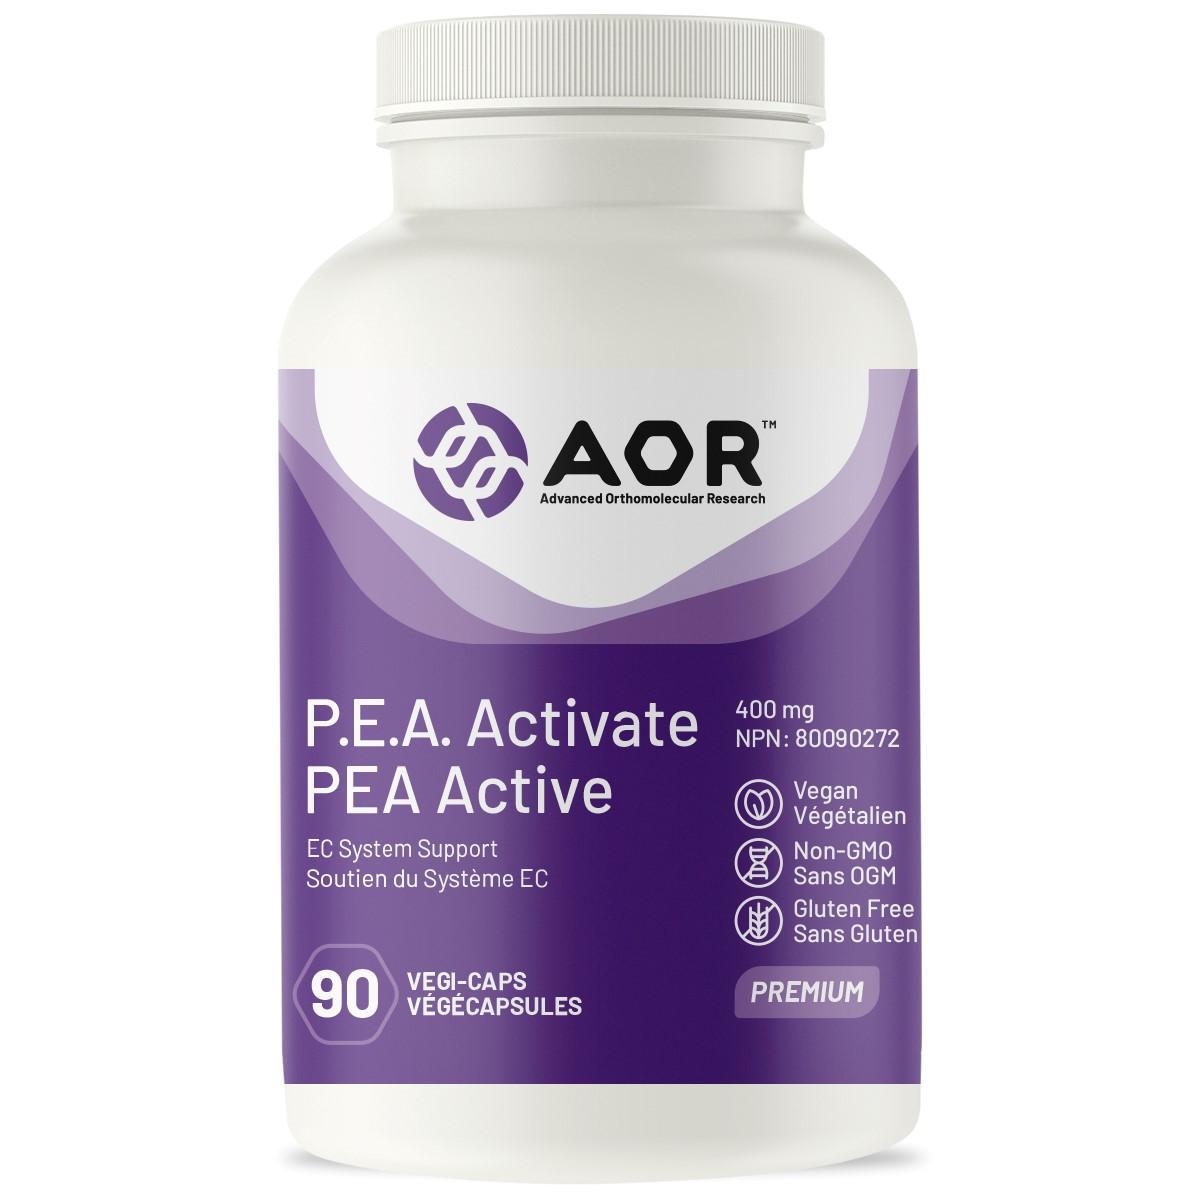 P.E.A. Activate